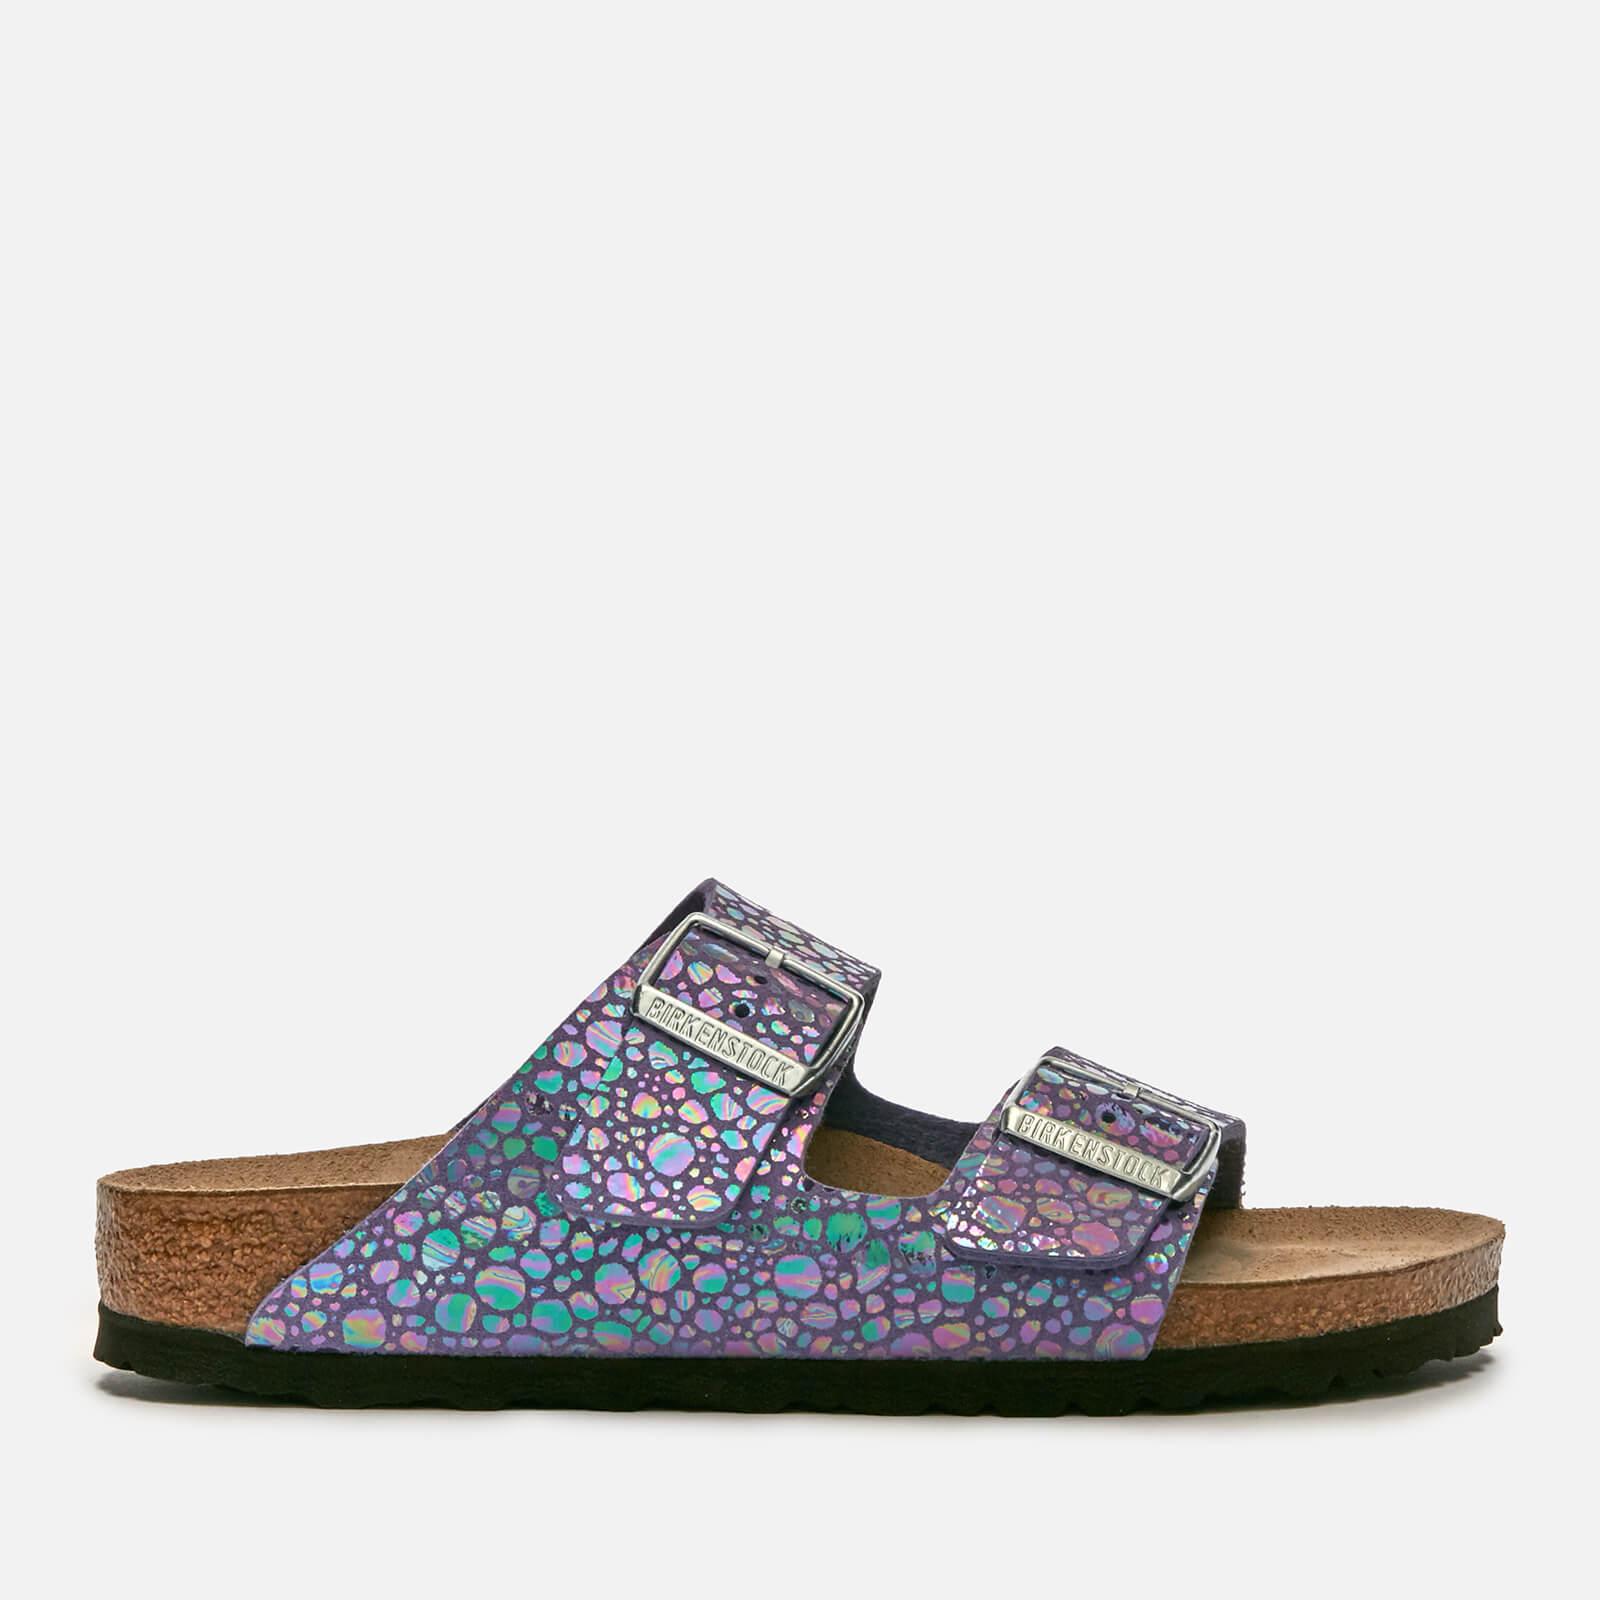 Birkenstock Women's Arizona Slim Fit Suede Double Strap Sandals - Metallic Stones Violet - UK 4.5 - Purple